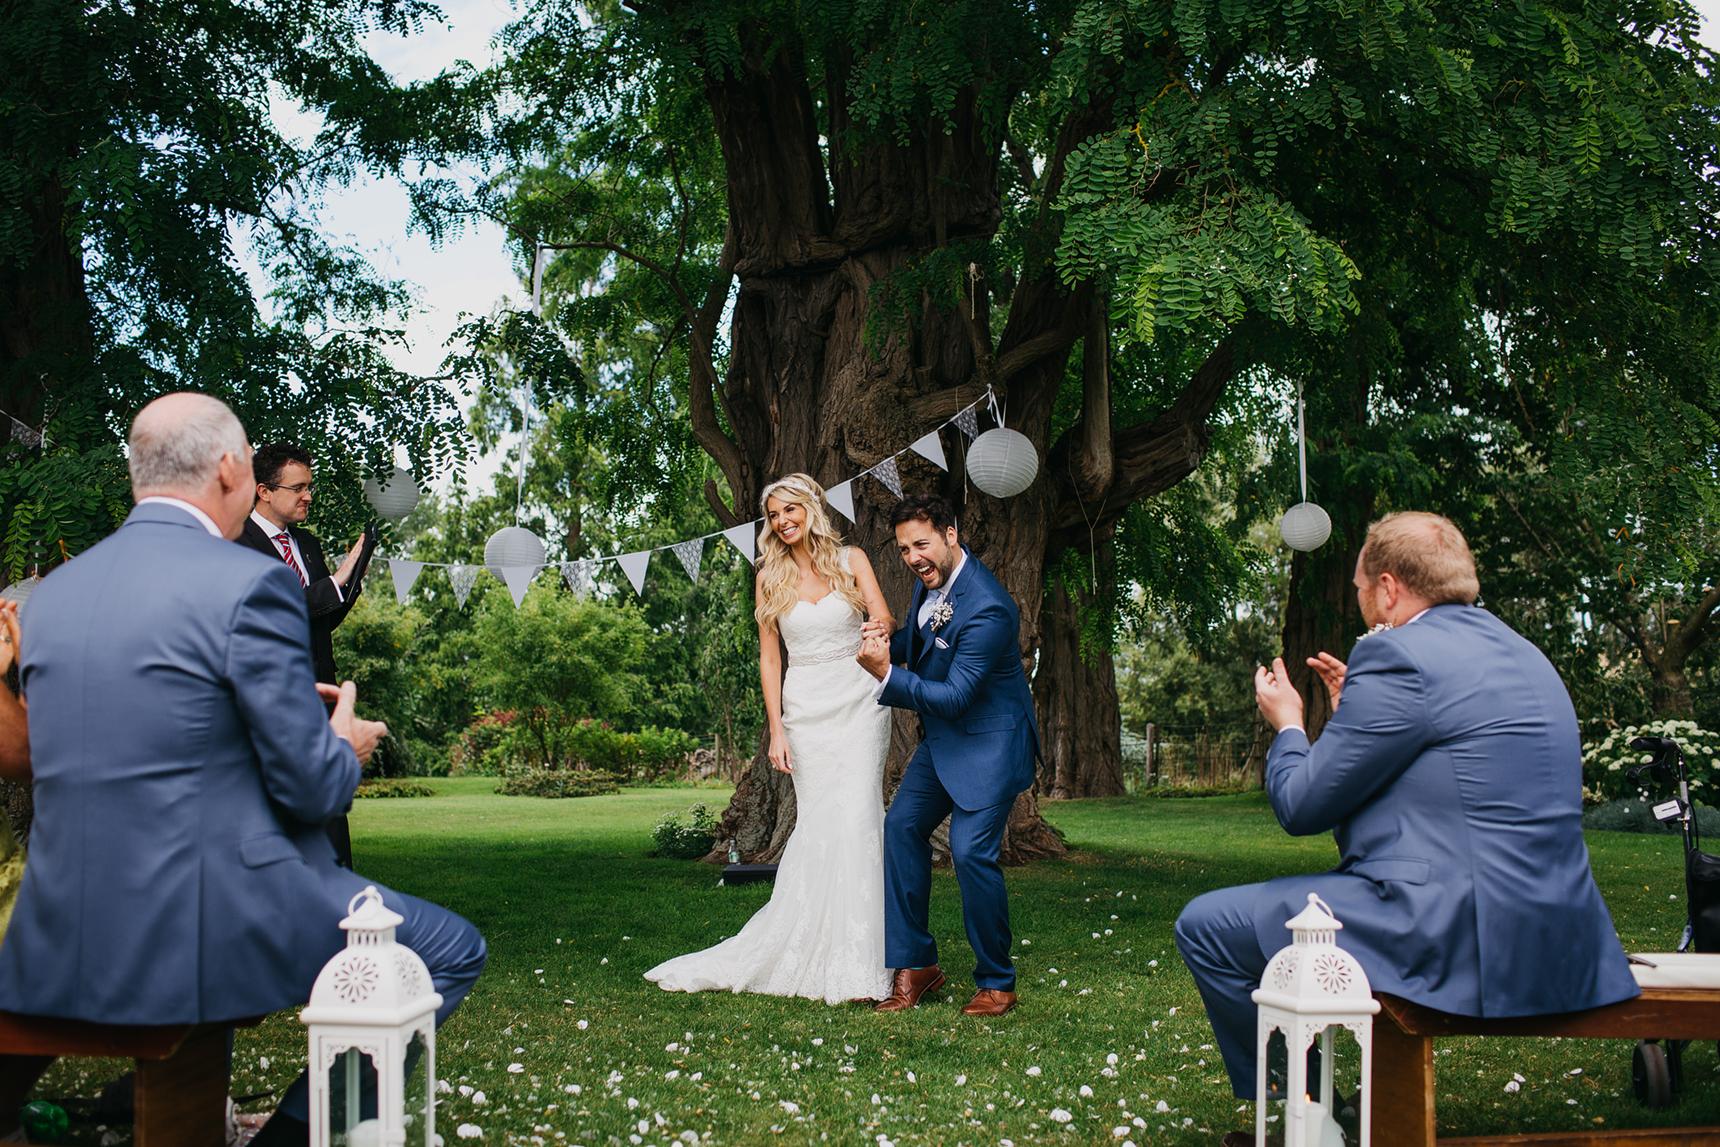 Stratford wedding photography